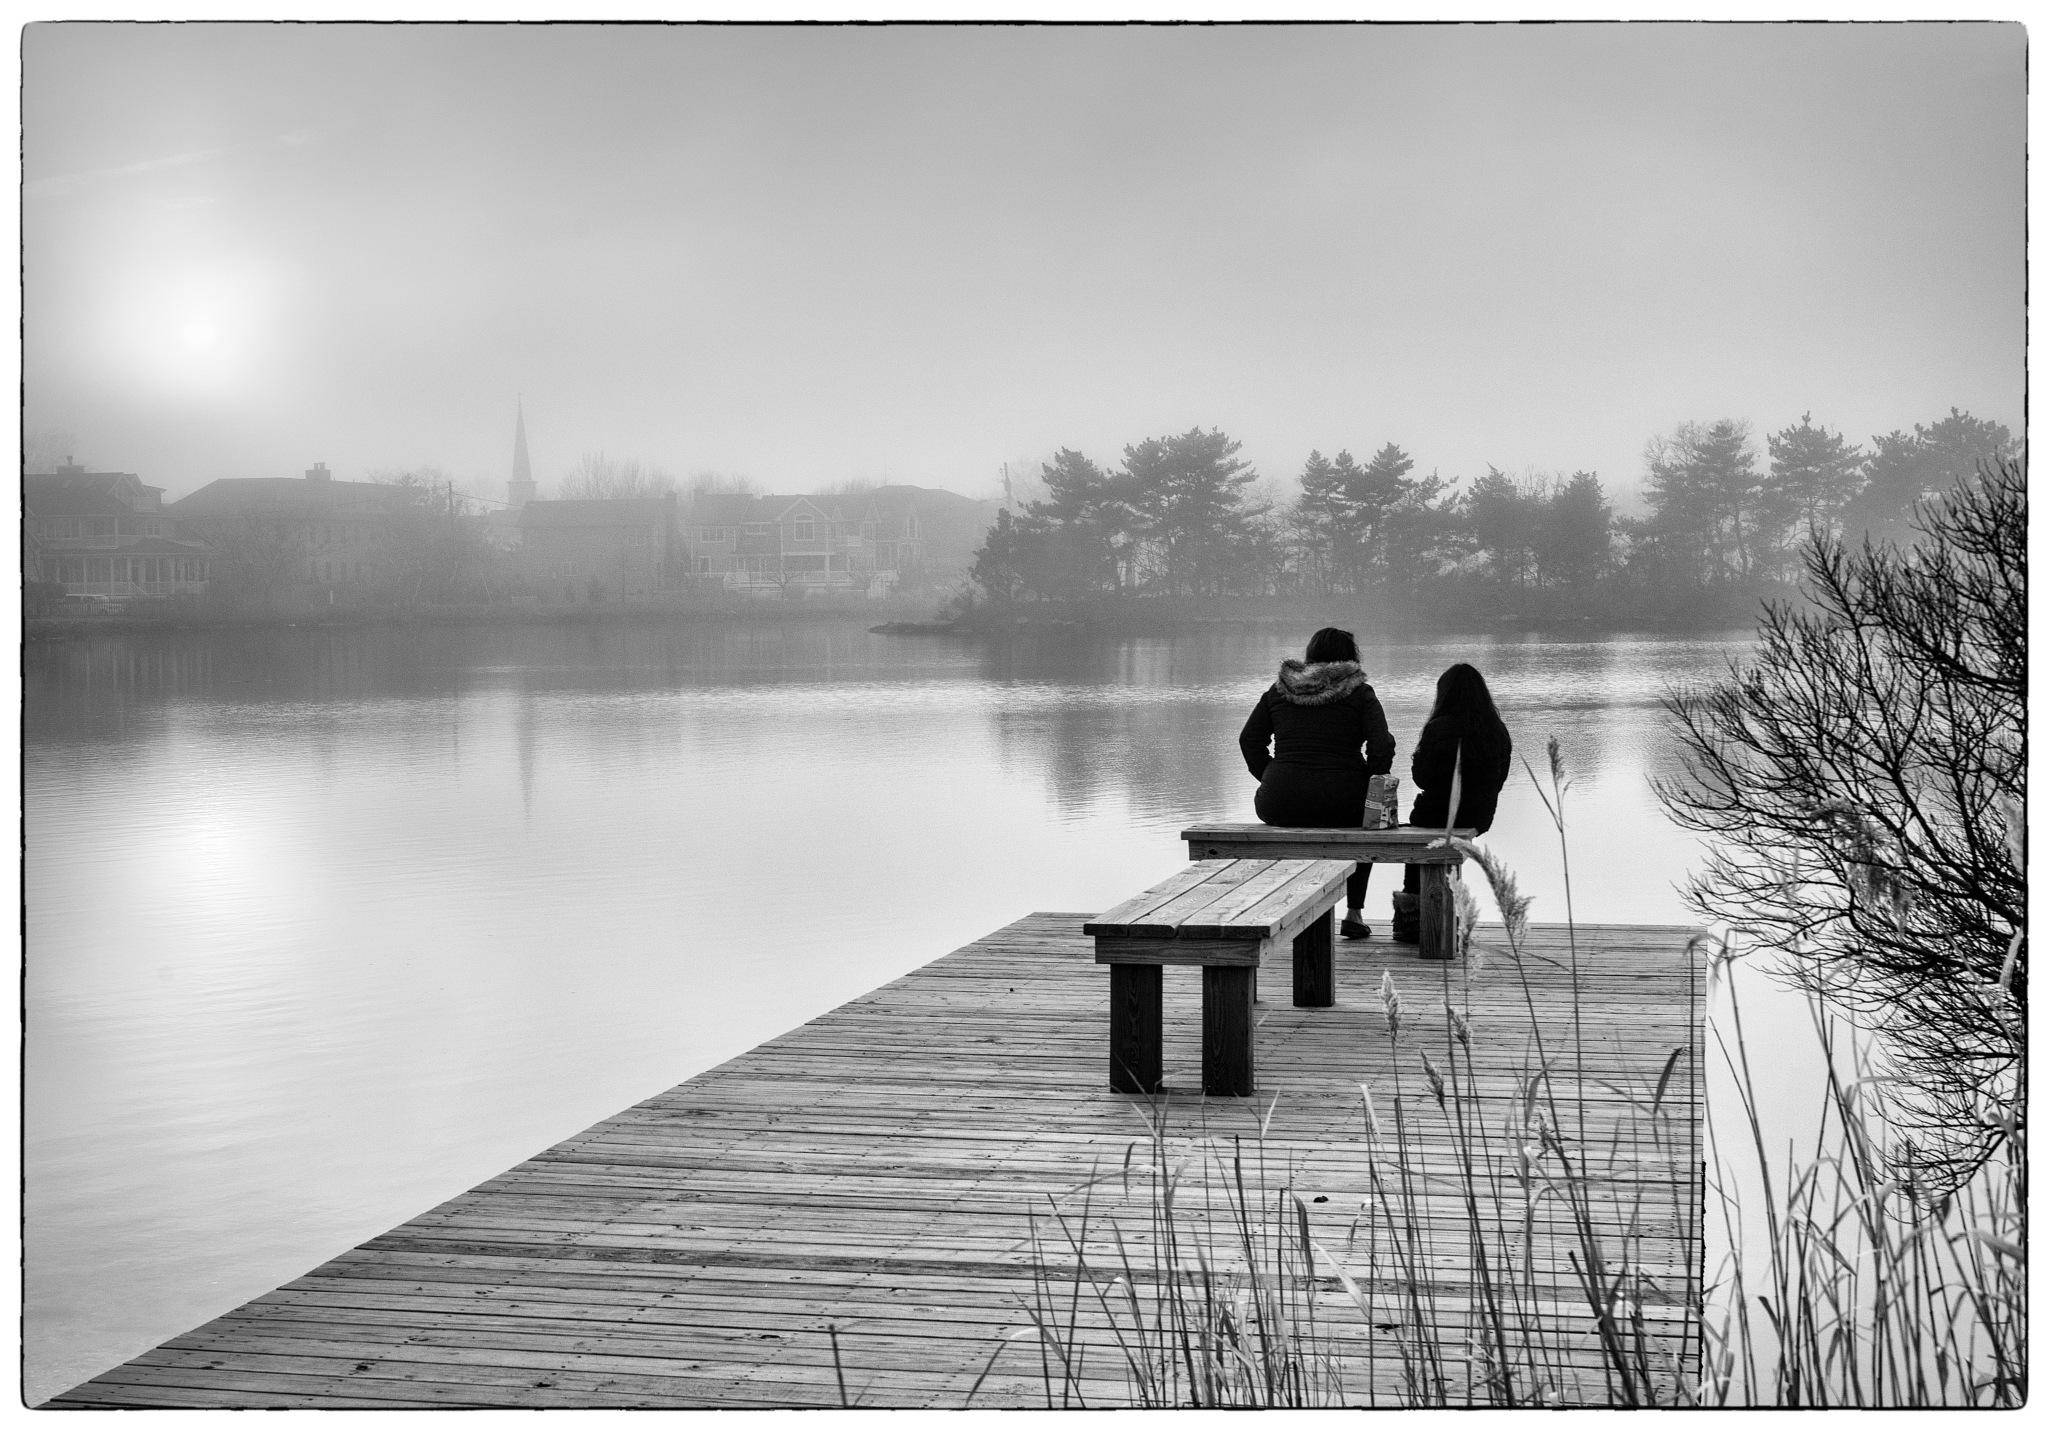 Girls On Dock by Edmund Dworakowski